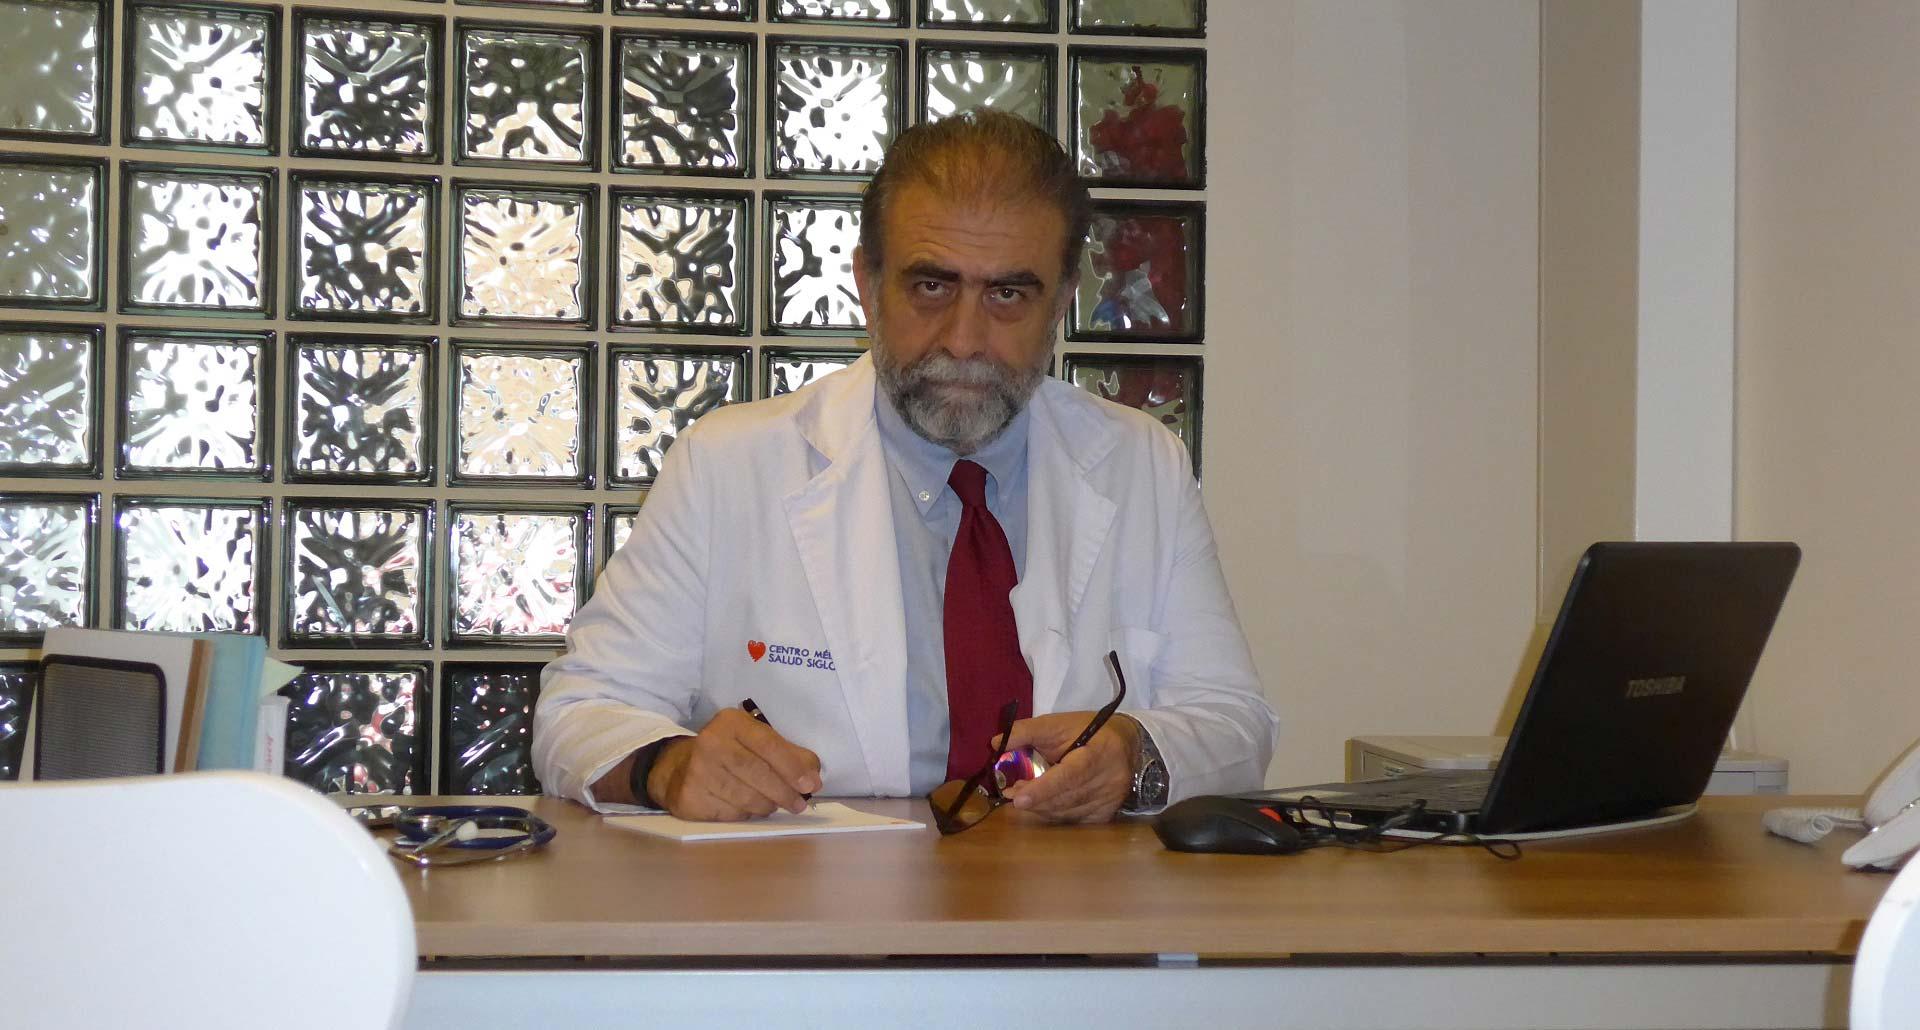 medico-nutricionista-online-dr-gely-sl-002